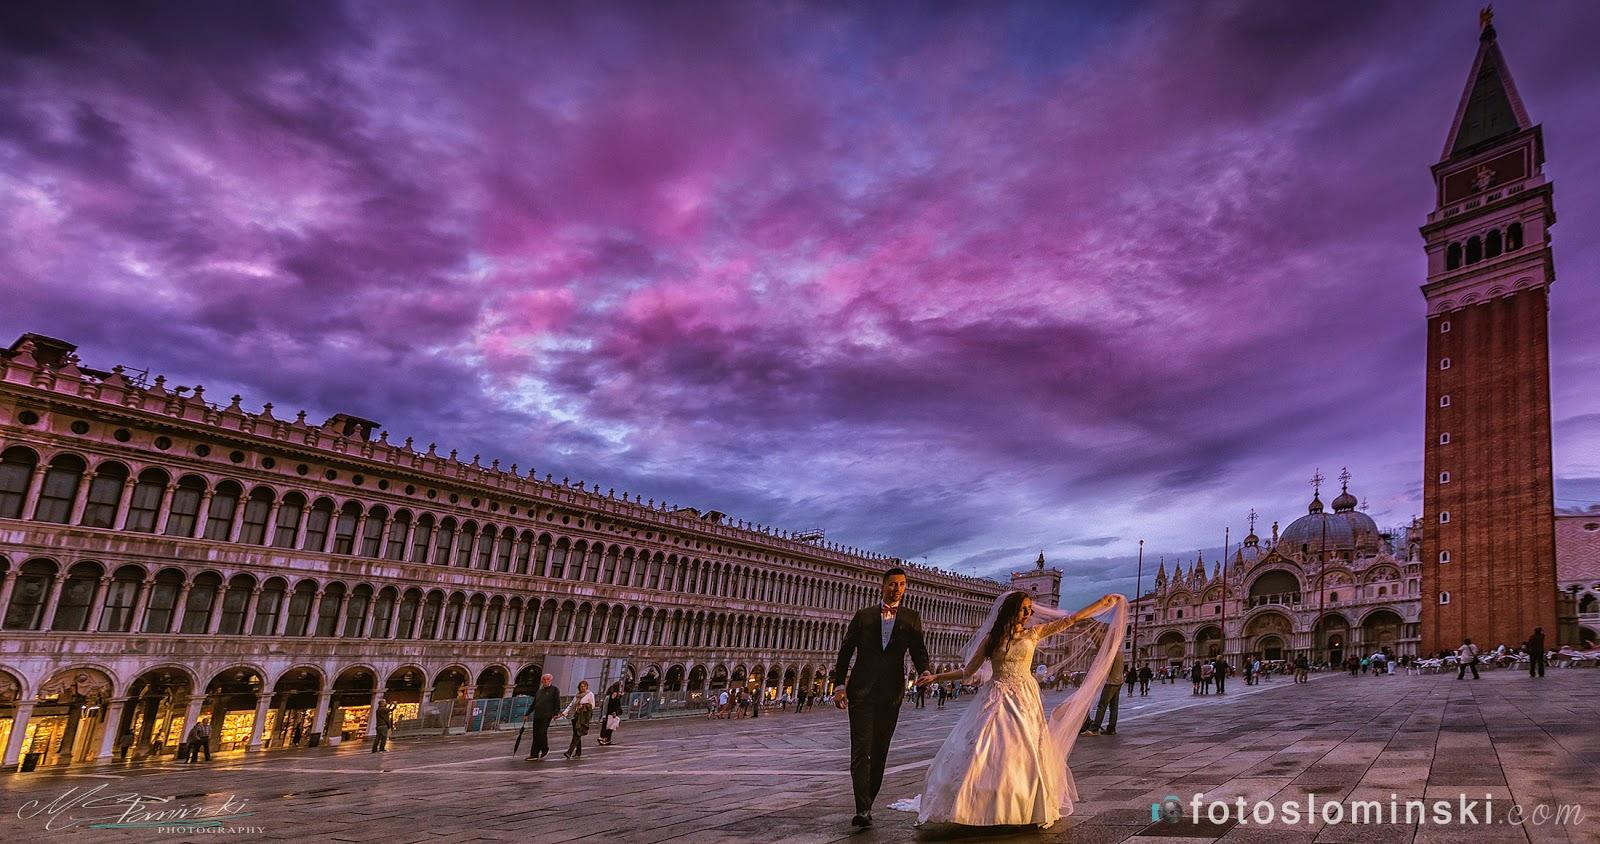 Piękne zdjęcie z Wenecji - Fotografia ślubna M.Słomiński - Fotograf Wrocław.